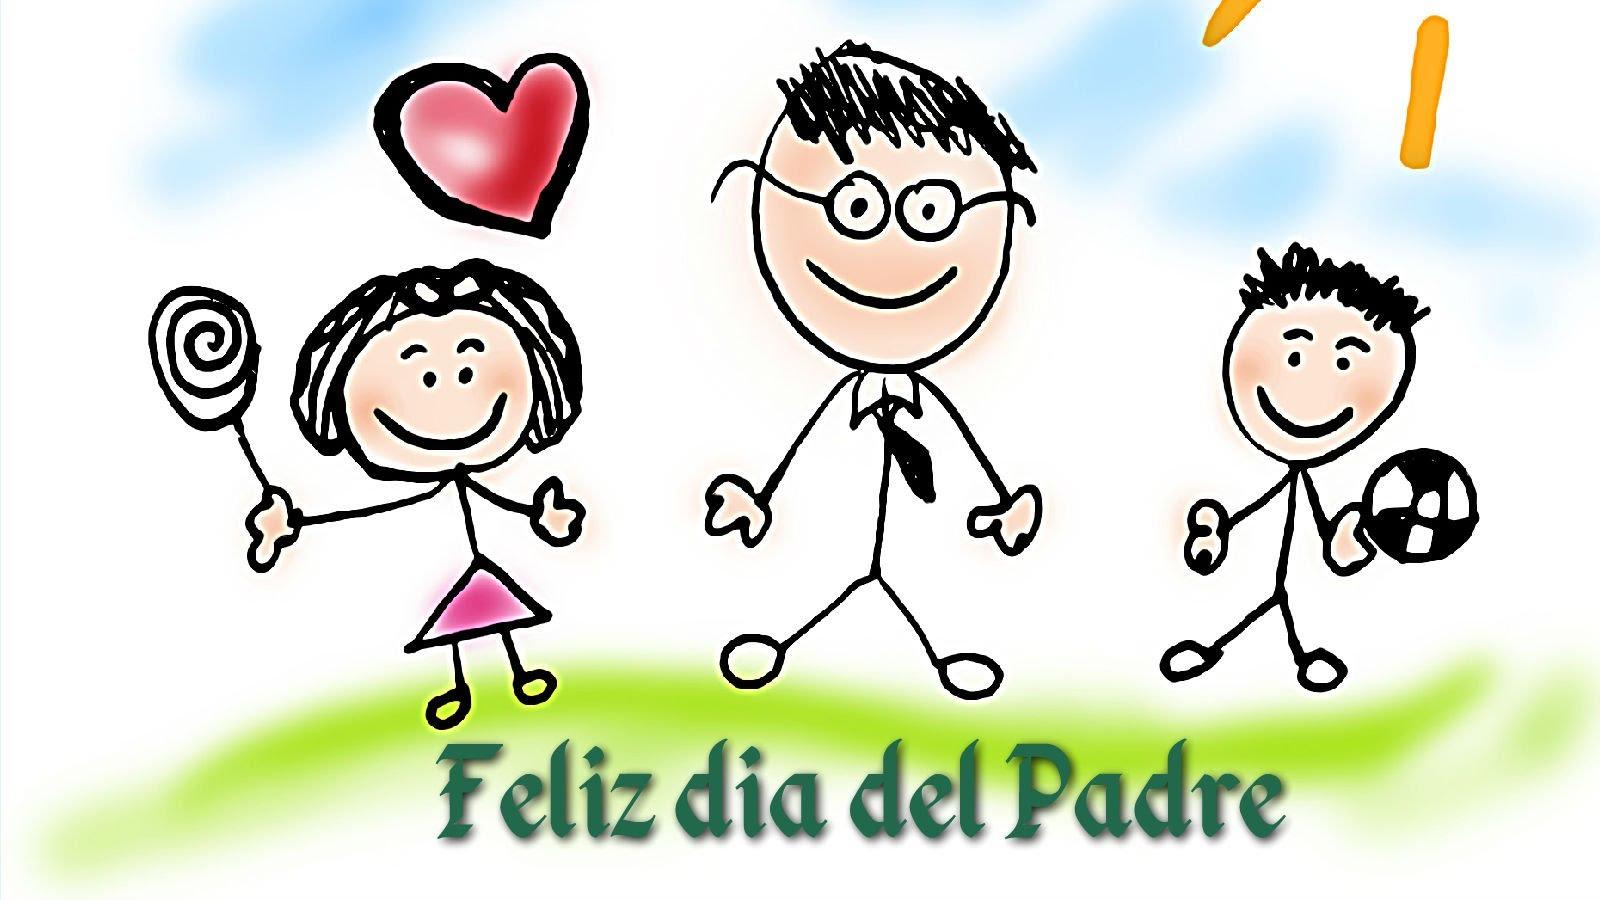 Feliz día papá con dibujos de niños